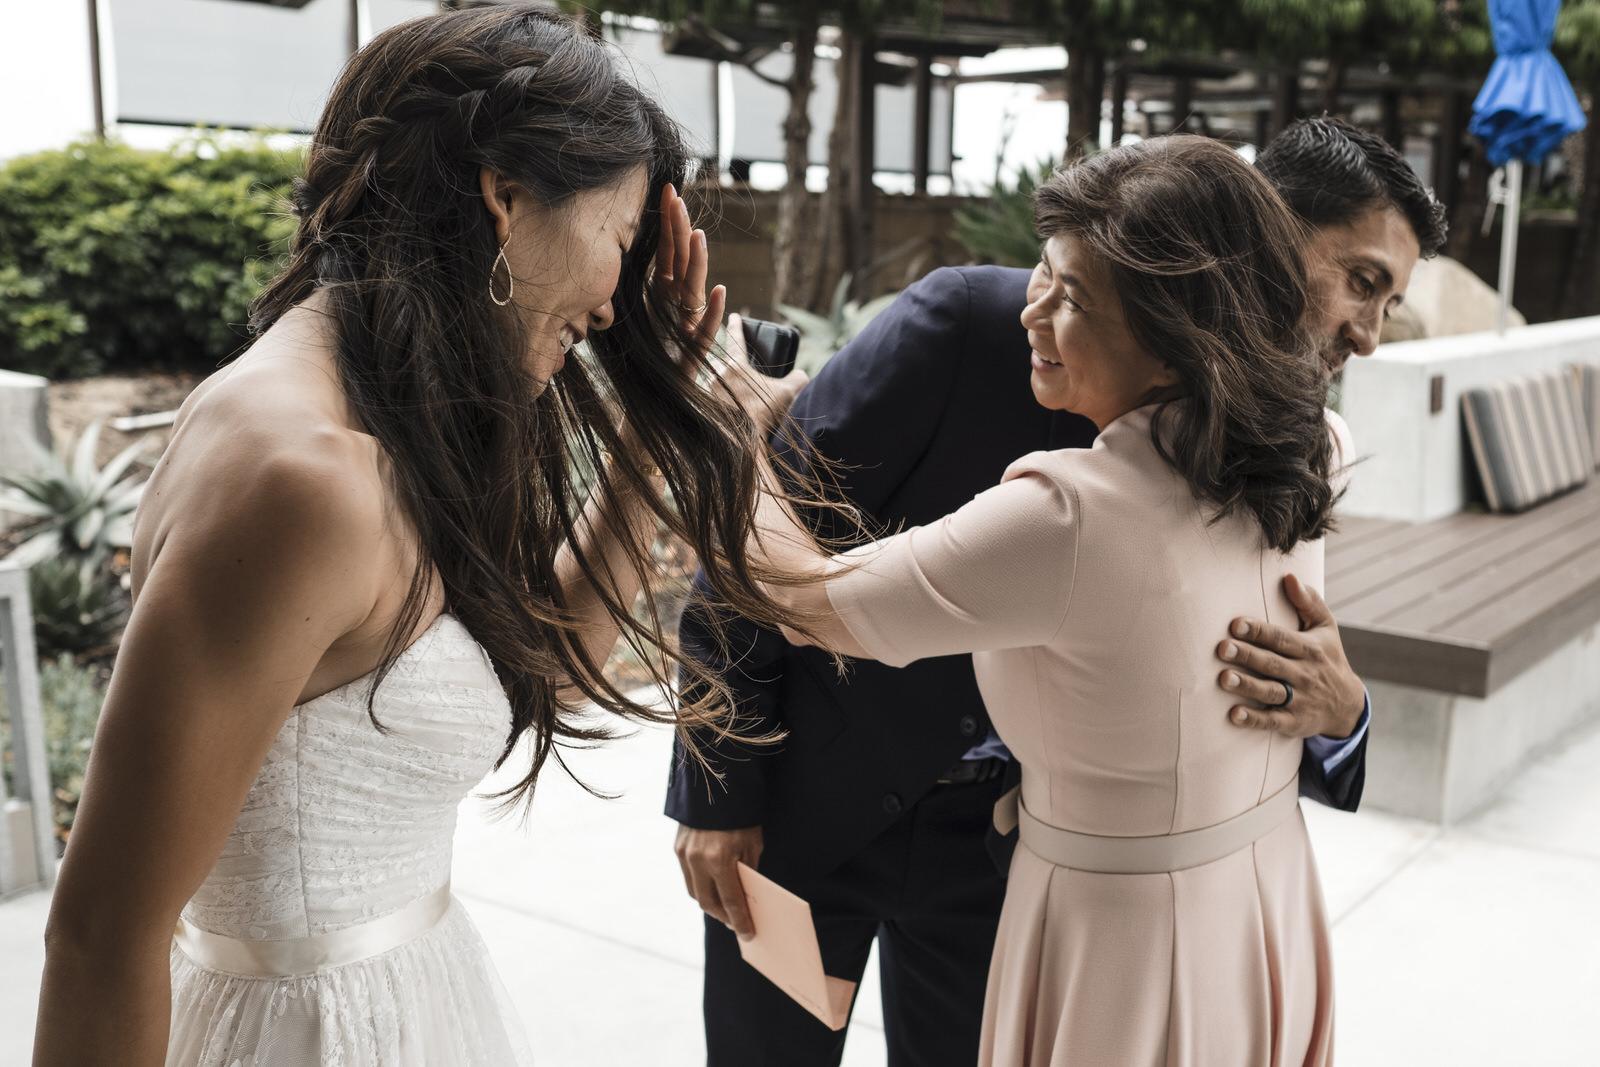 nha_carlos_san_diego_wedding (33).jpg